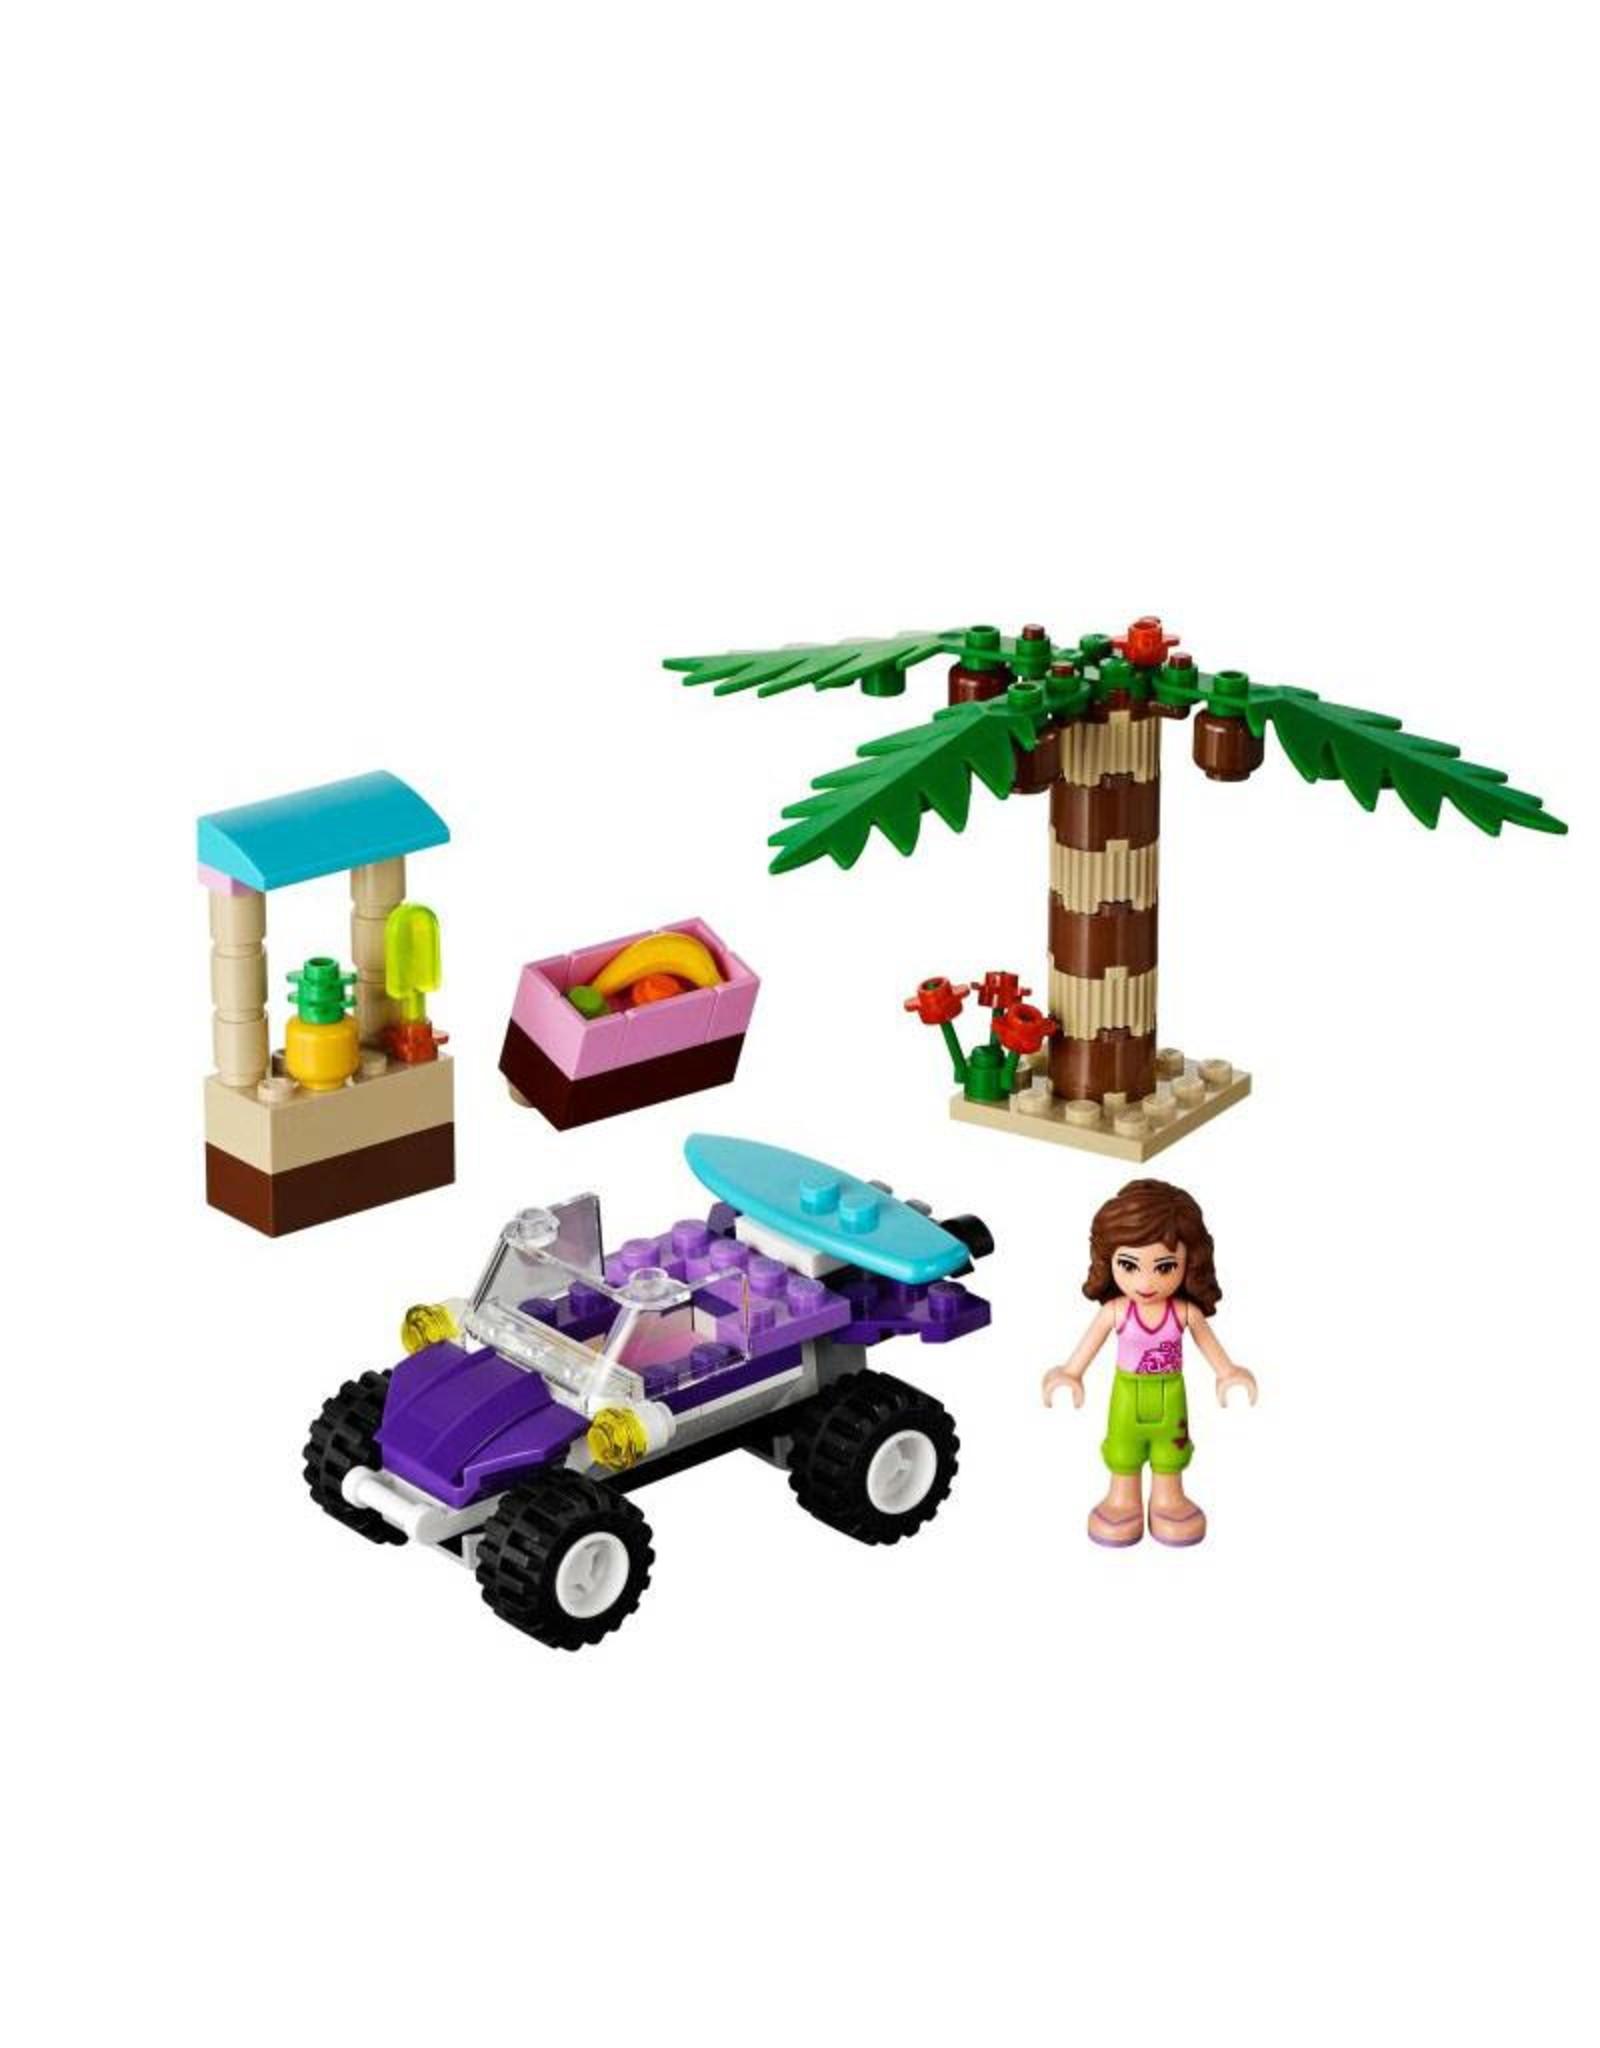 LEGO LEGO 41010 Olivia's Strandbuggy FRIENDS